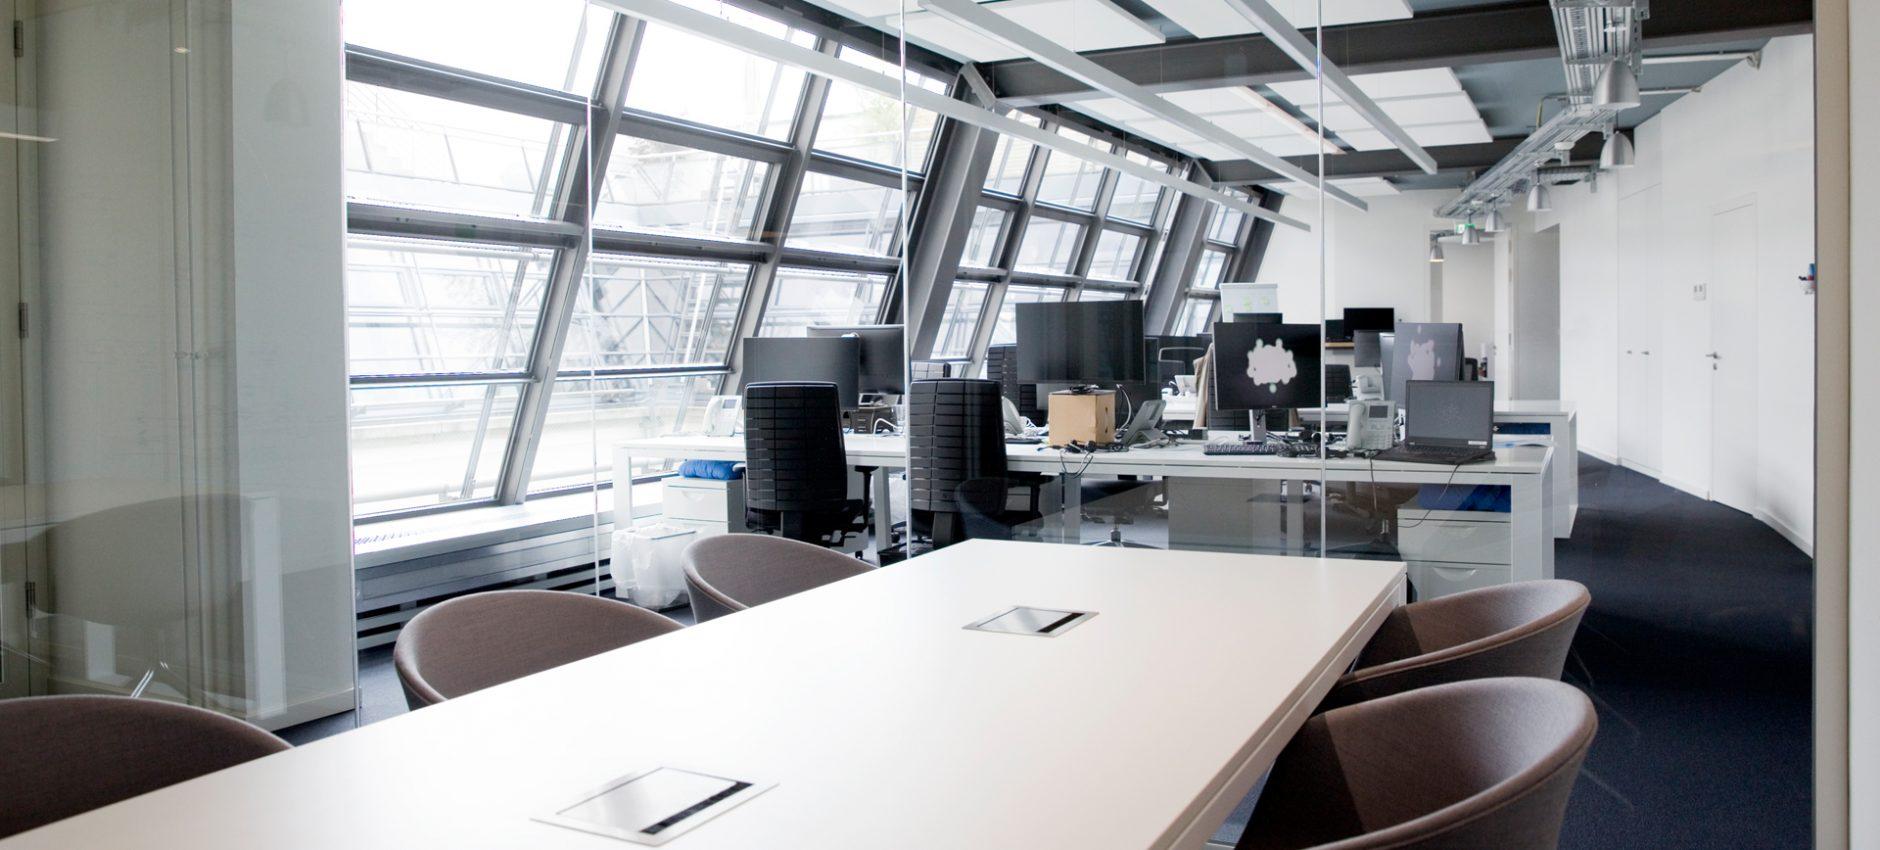 boka_MedneoHeadquartier_08.jpg